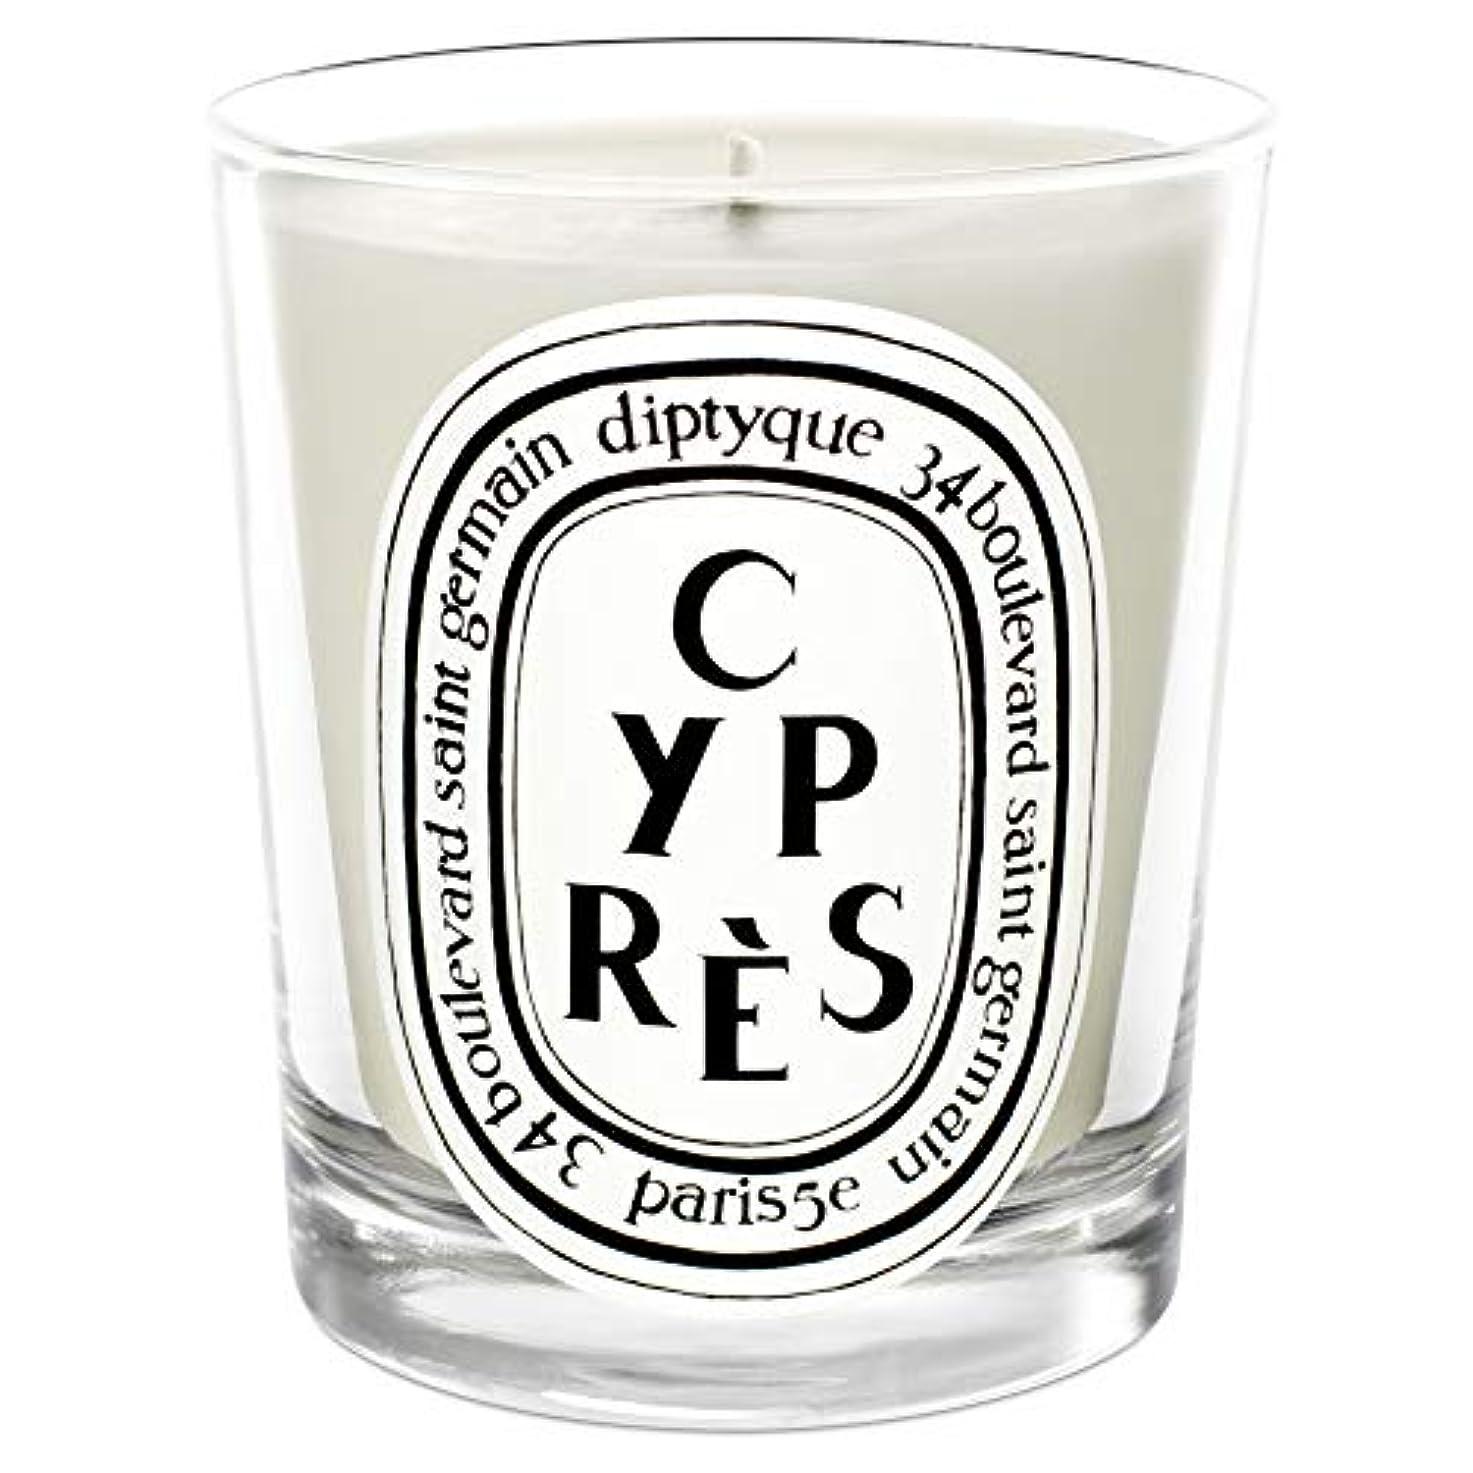 耐久ヒューマニスティック鉄道駅[Diptyque] DiptyqueのCypr?s香りのキャンドル190グラム - Diptyque Cypr?s Scented Candle 190g [並行輸入品]